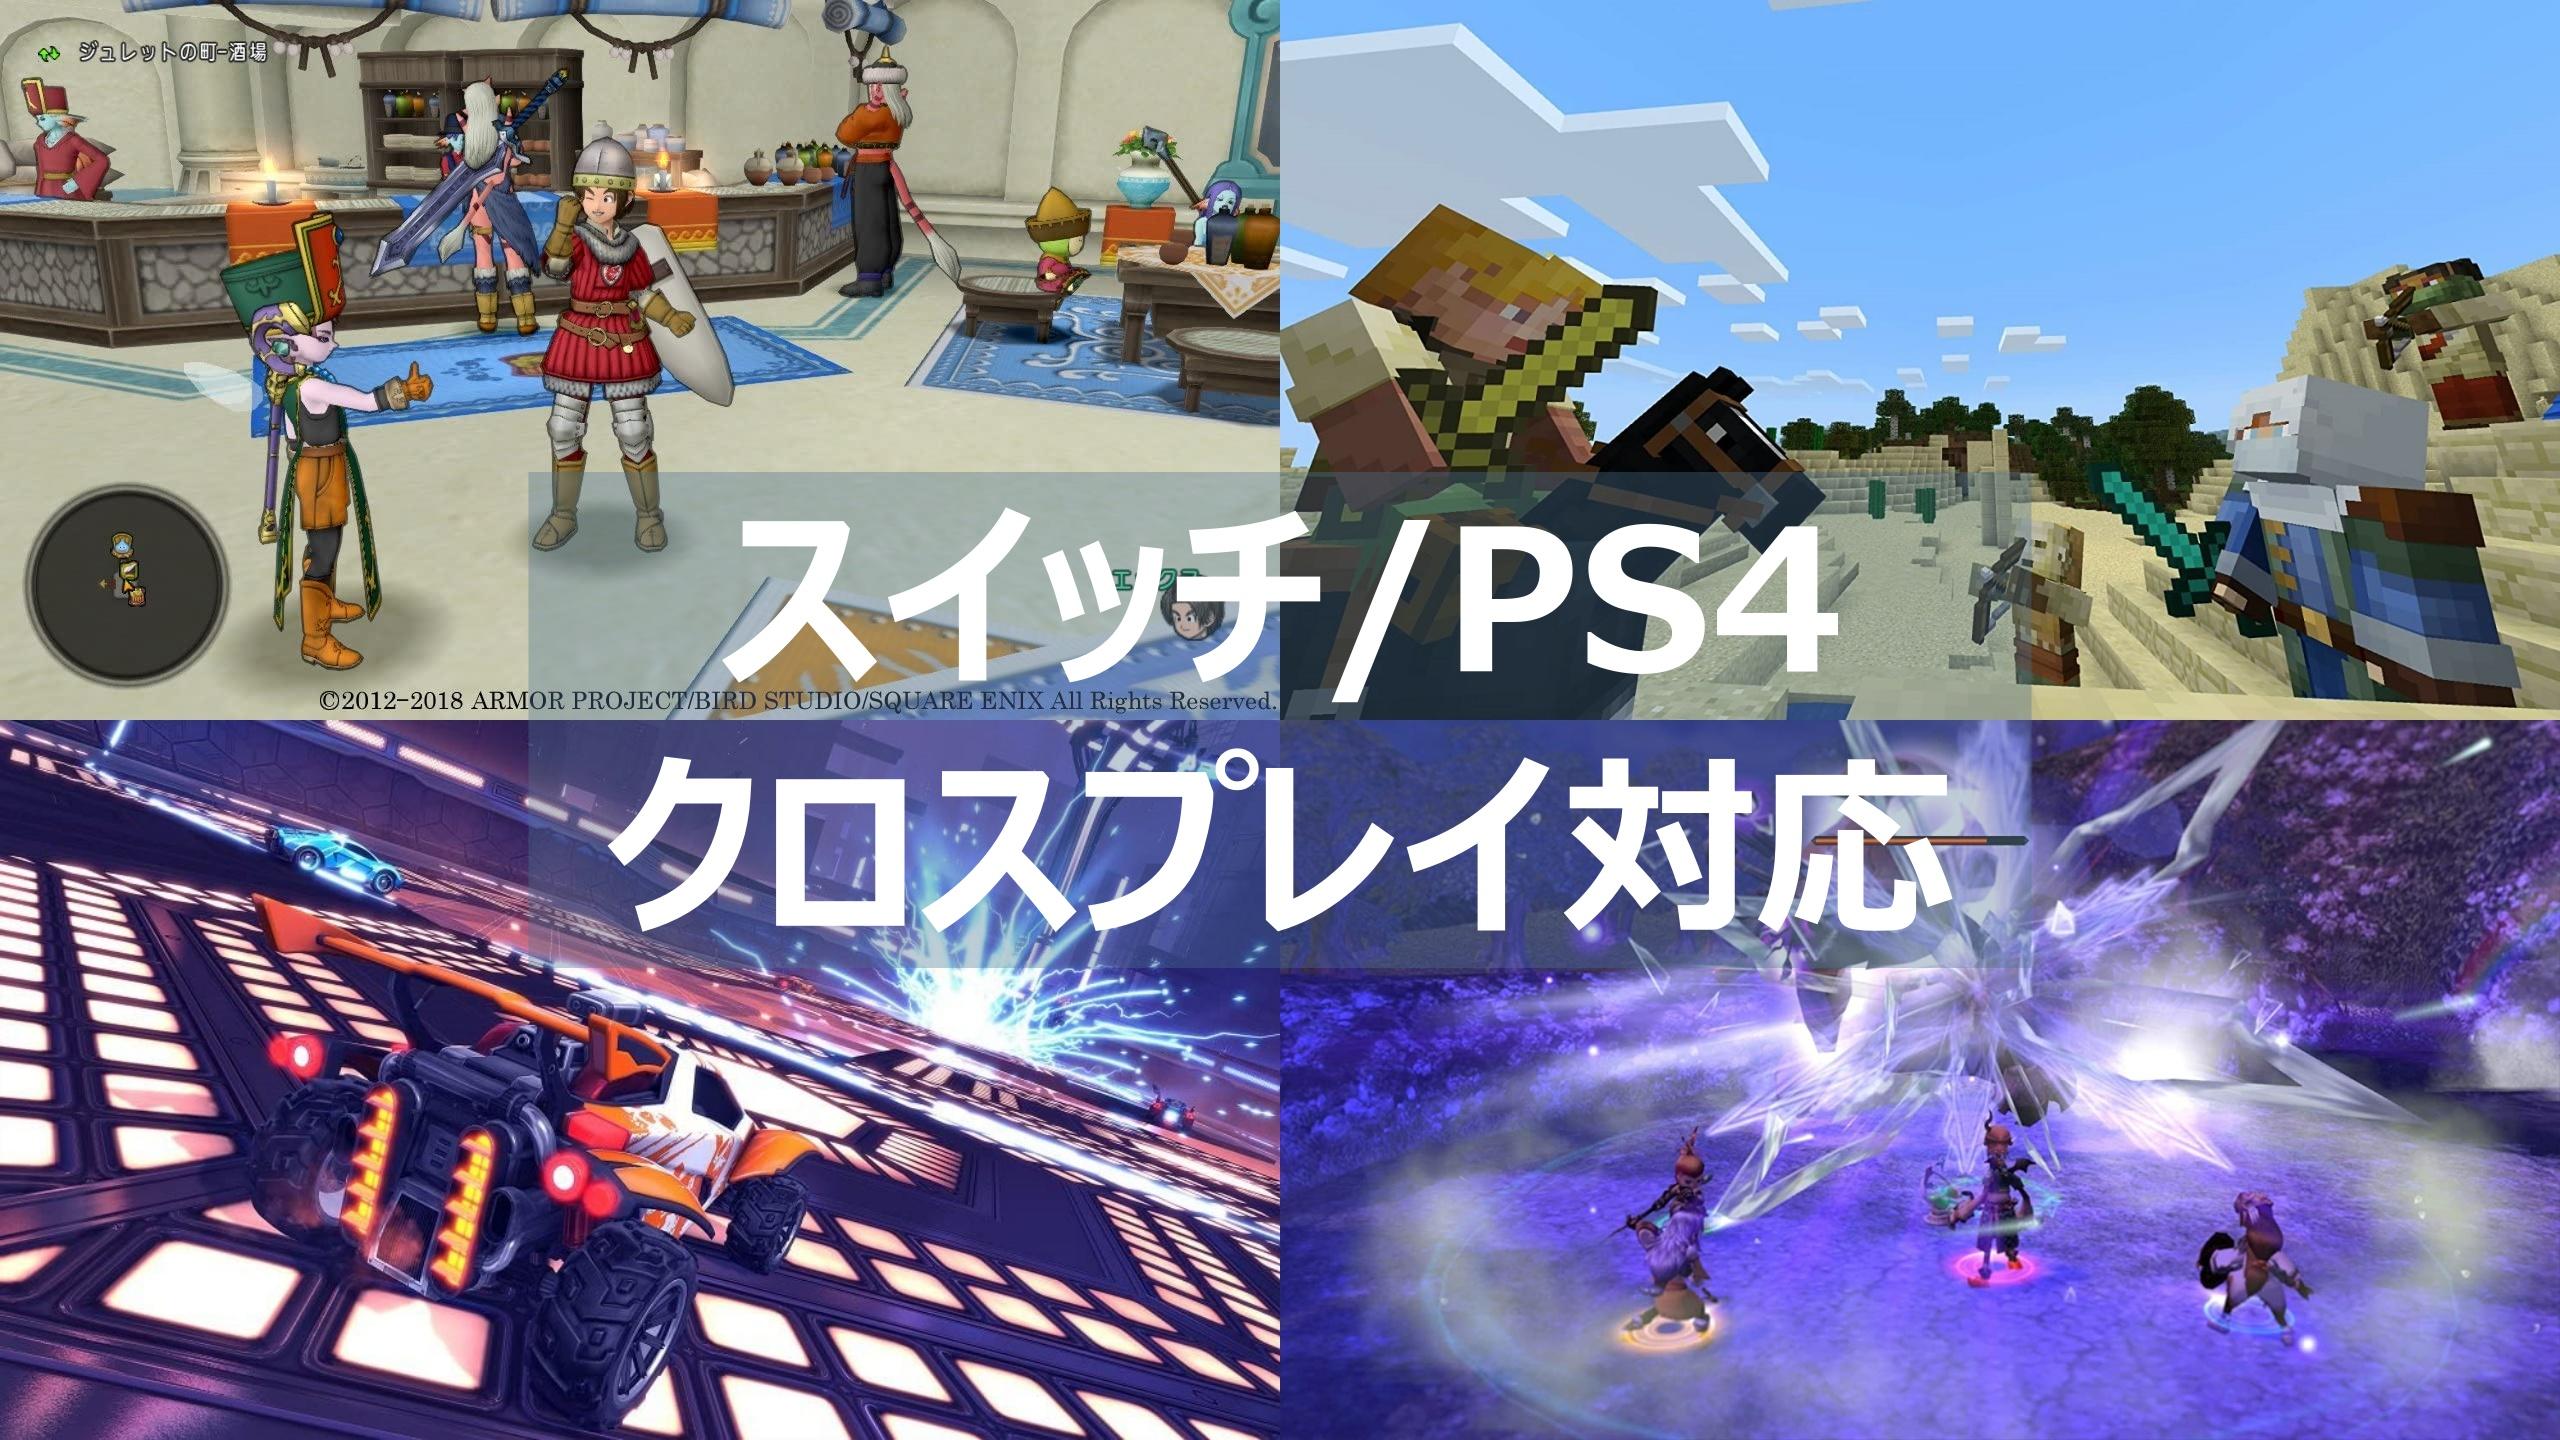 スイッチ PS4 クロスプレイ